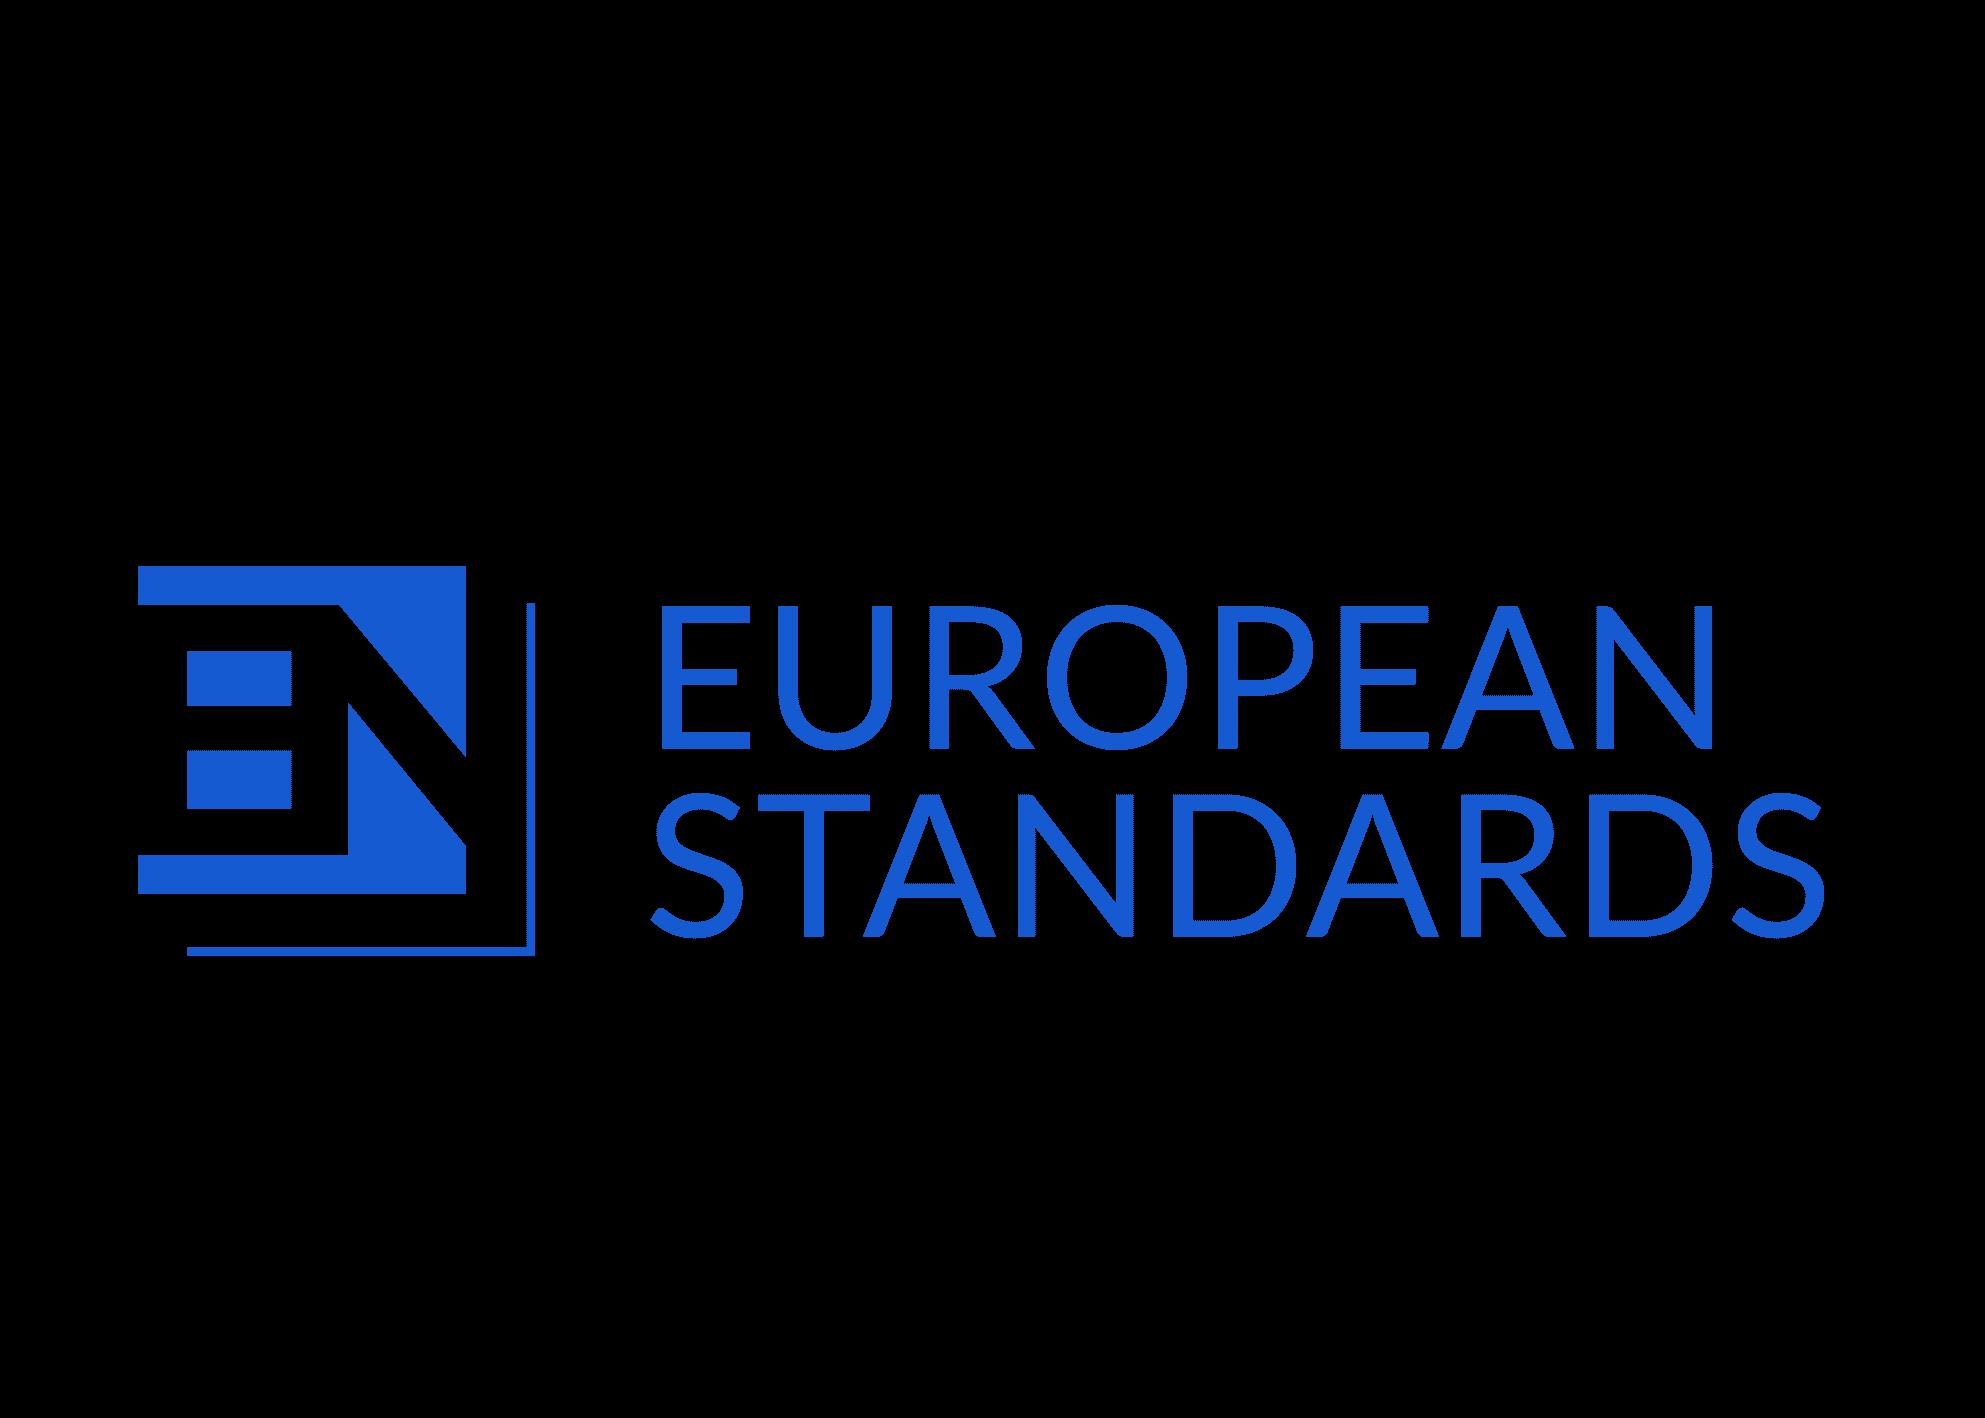 Tiêu chuẩn châu Âu